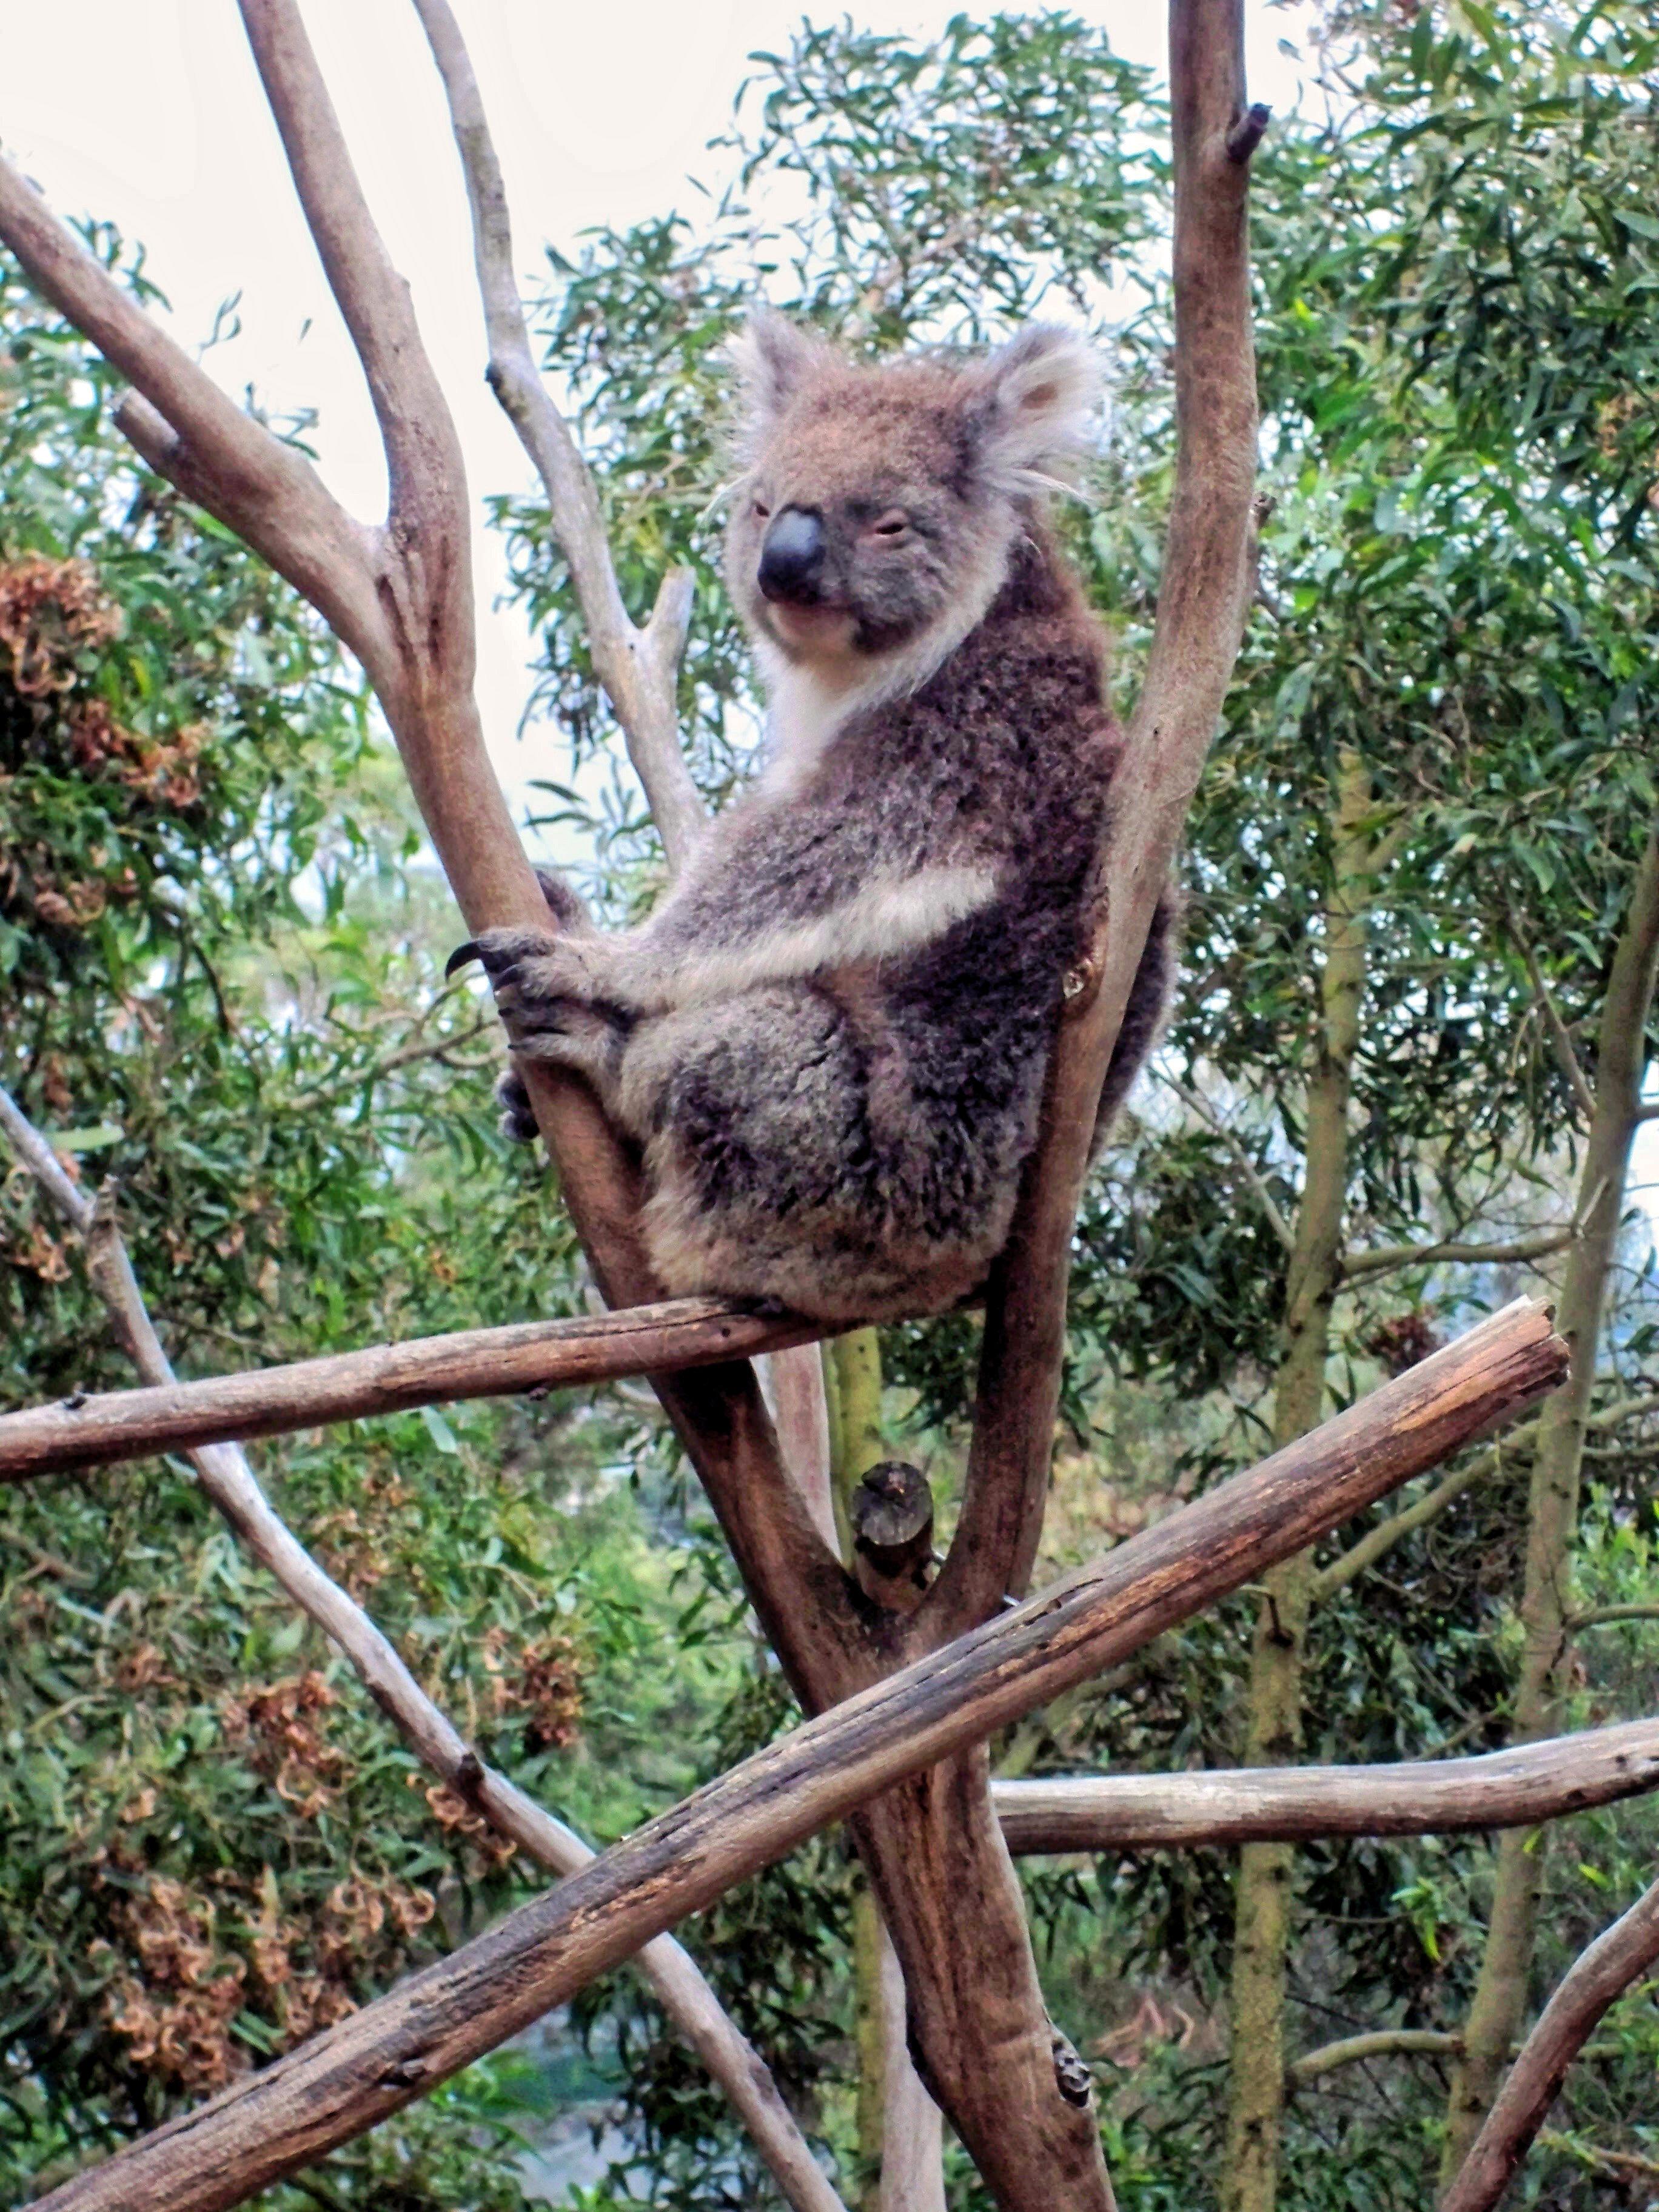 Koala-2.jpeg